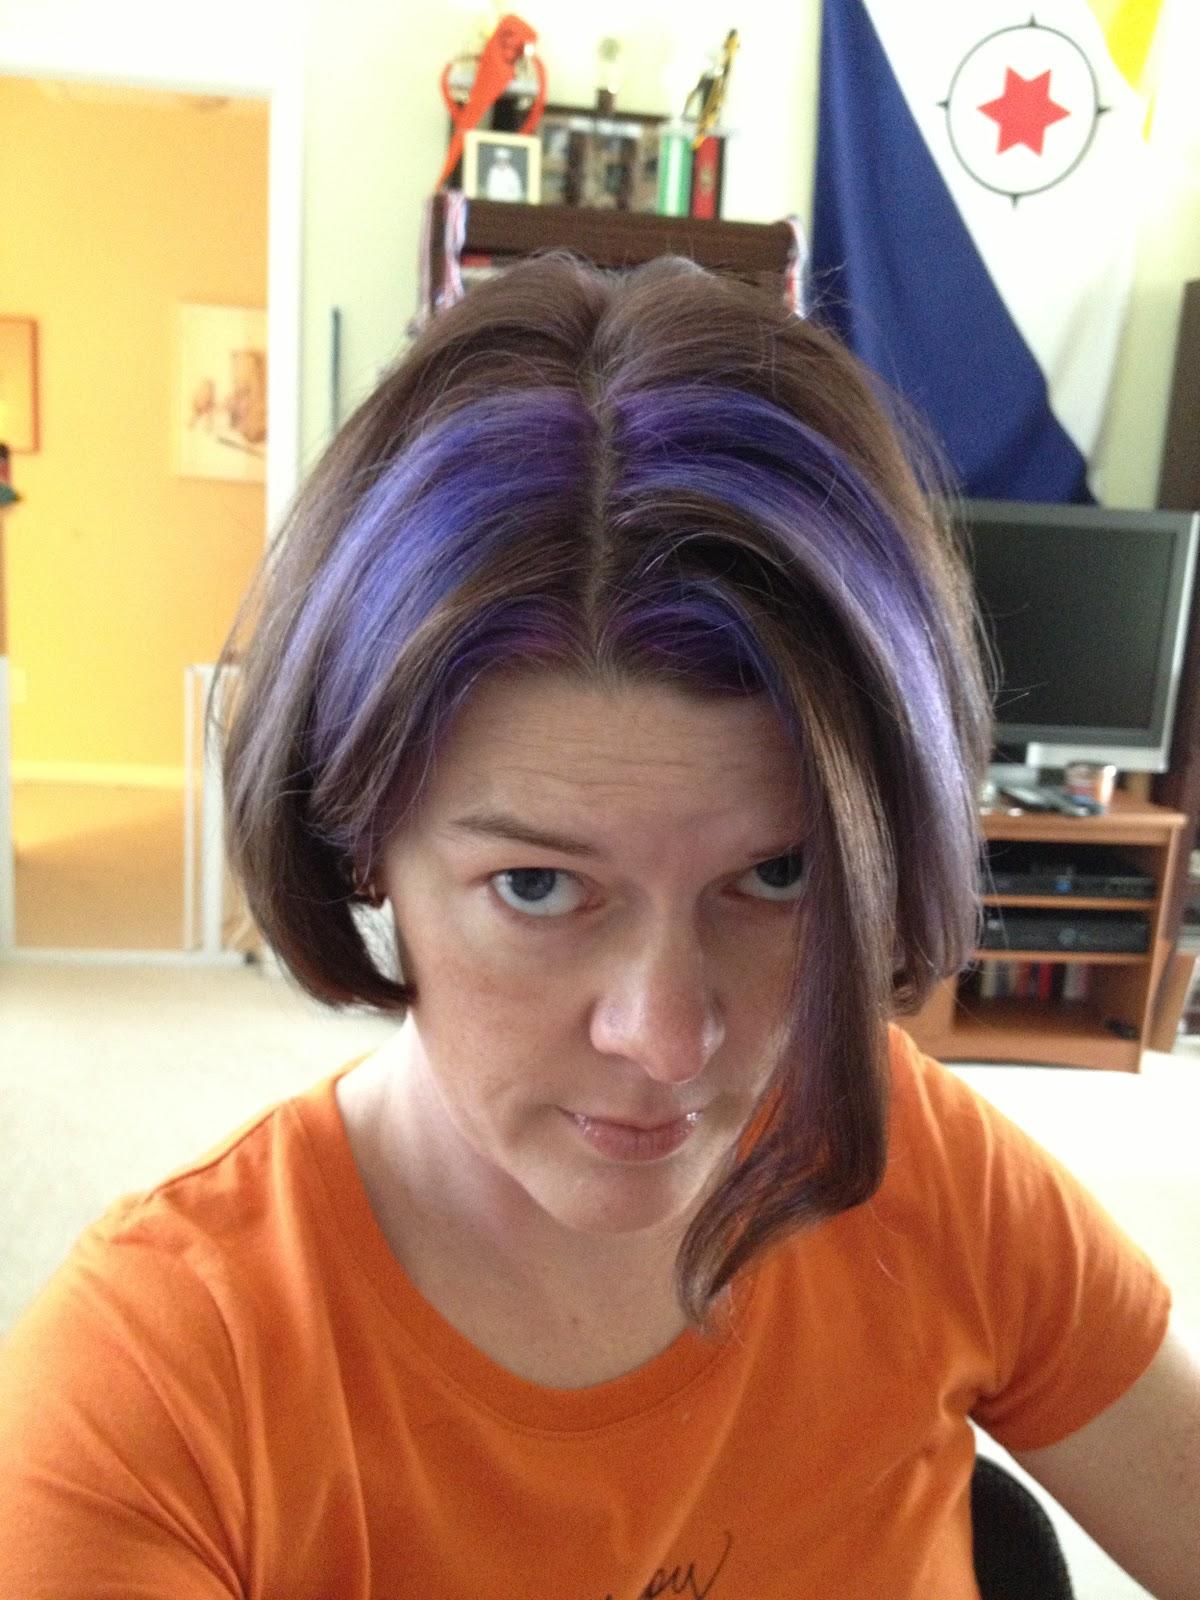 Brown hair with purple streaks